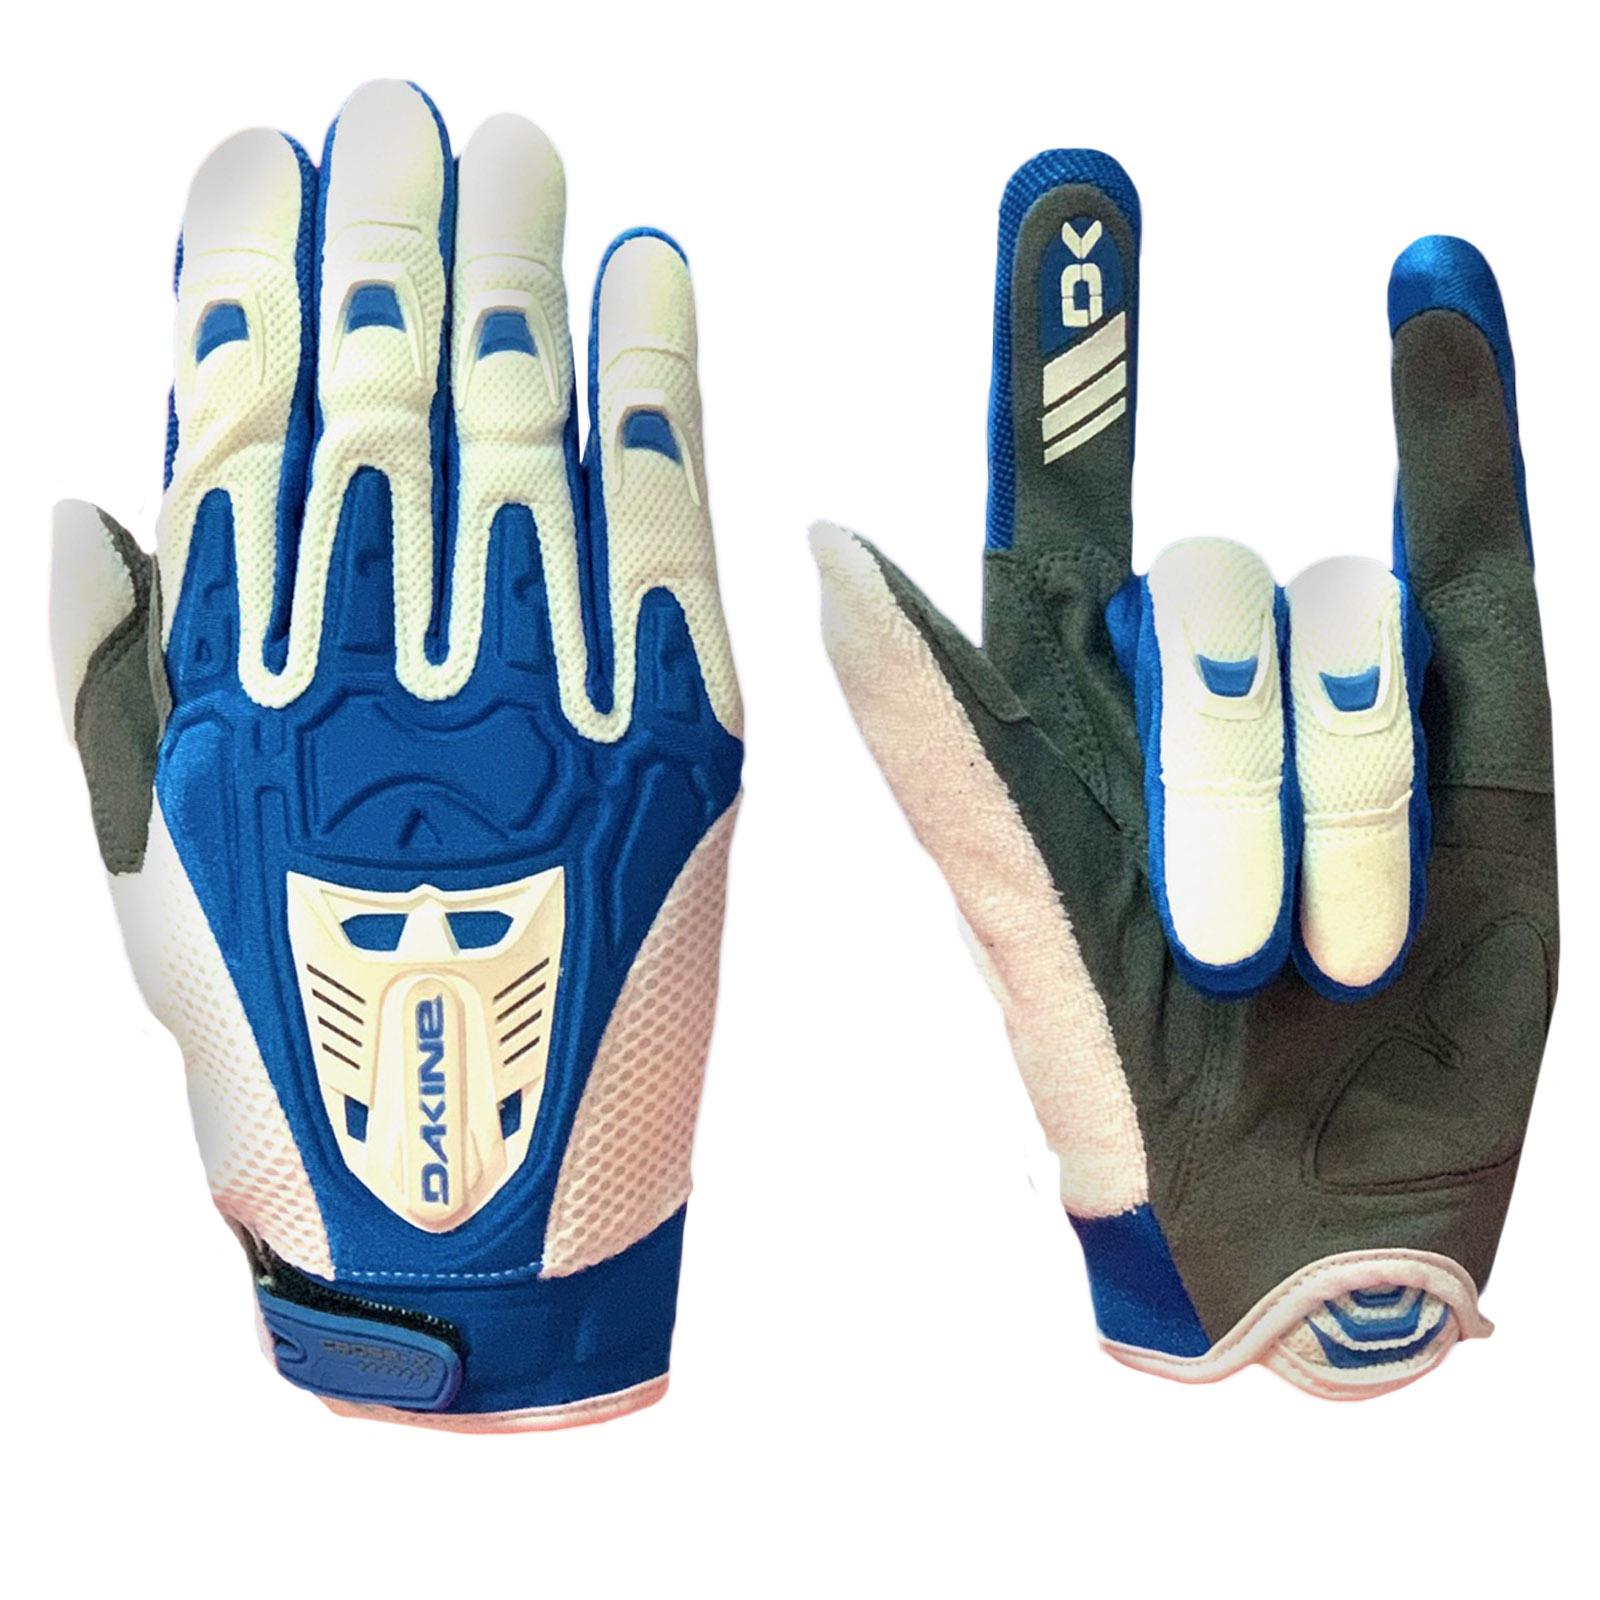 Трехцветные эксклюзивные перчатки от крутого бренда Clarino